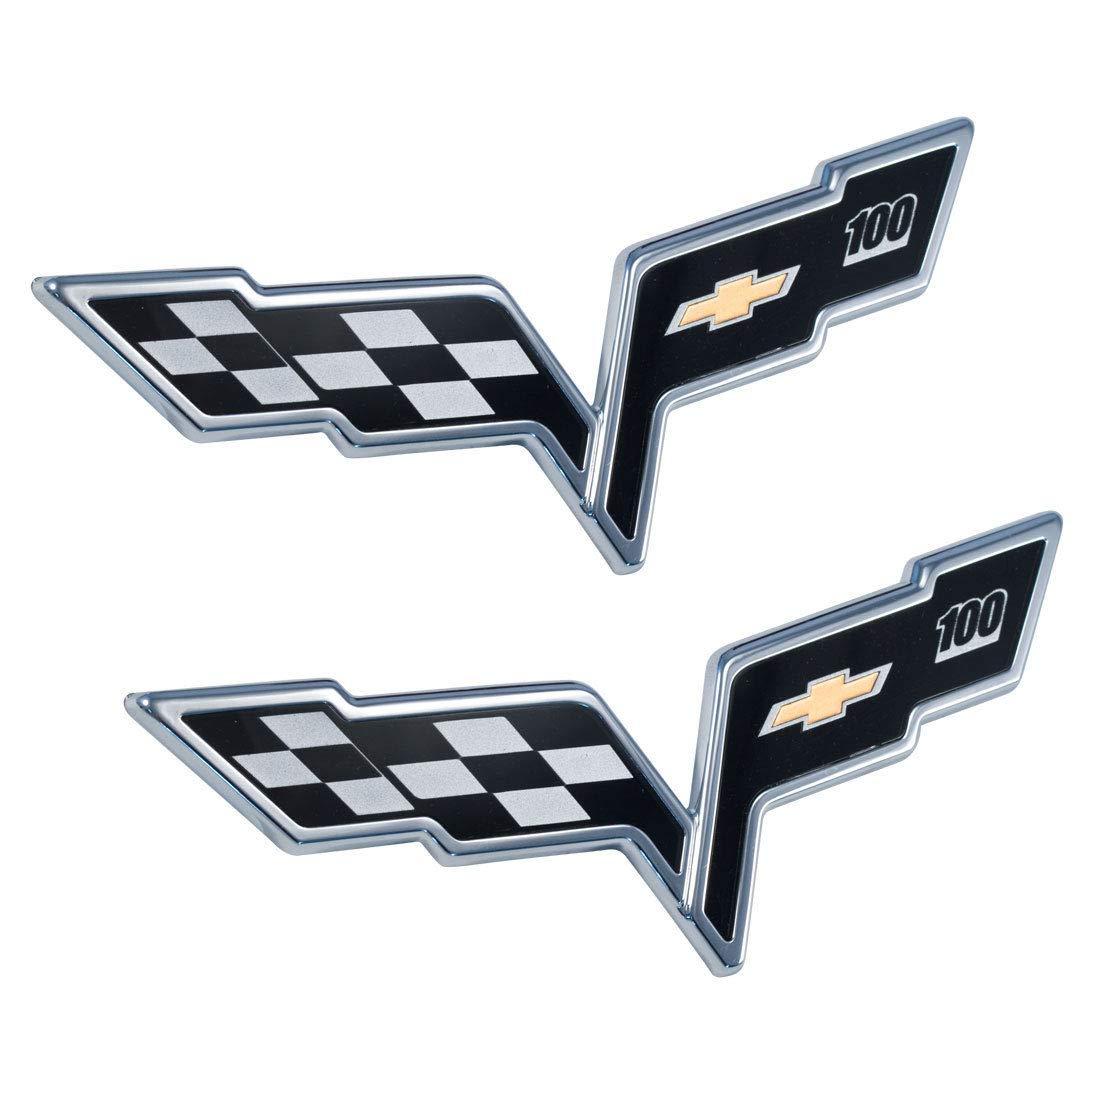 C6 Corvette Black Front Rear 100 Anniversary Emblems